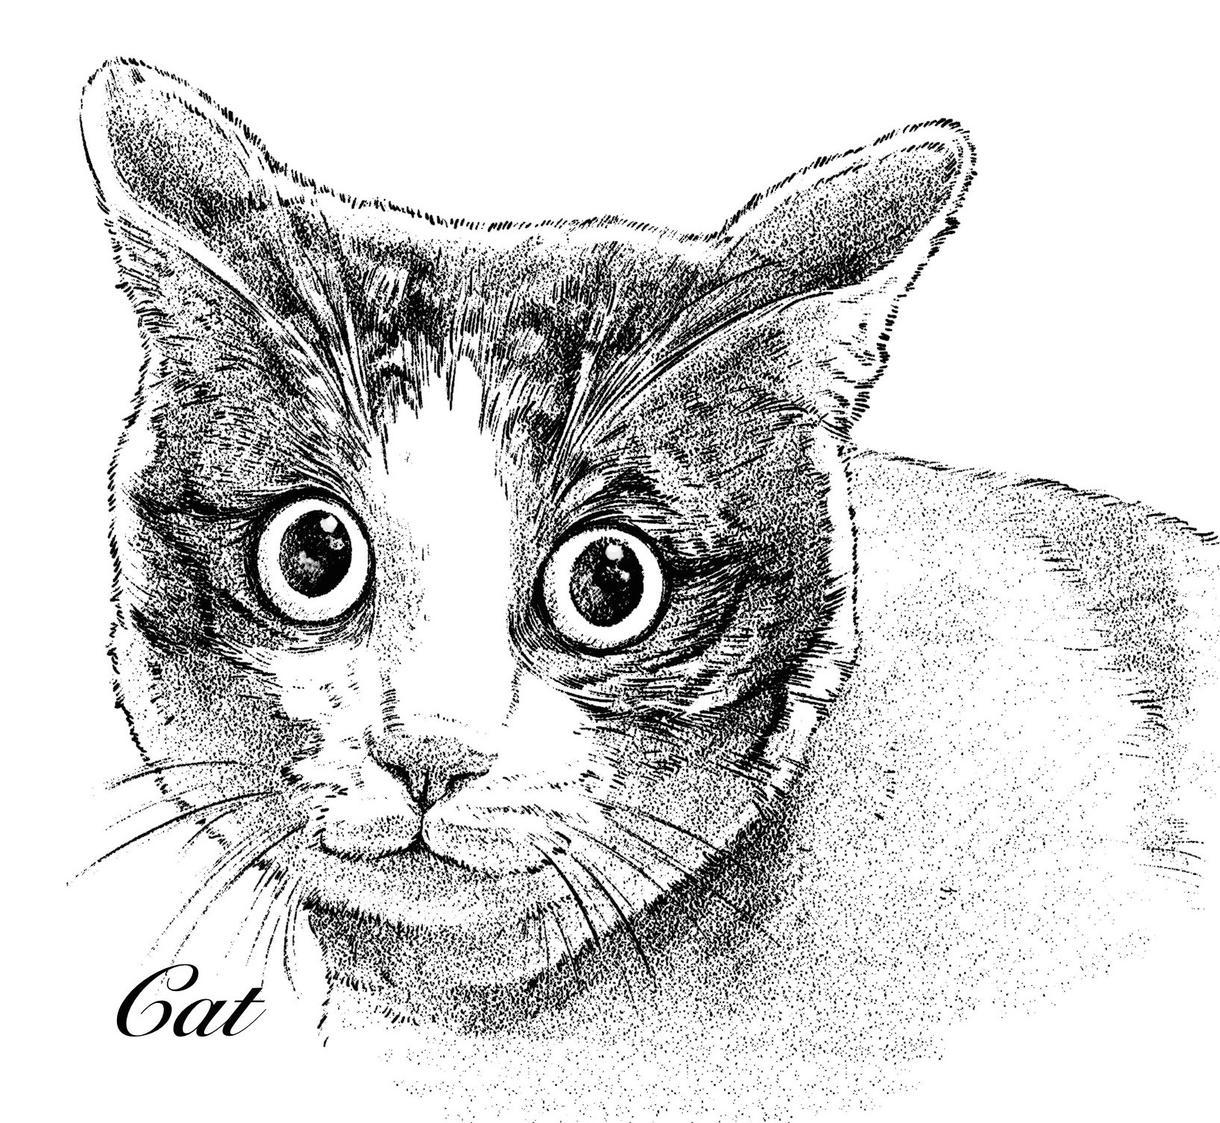 ペットのイラスト描きます 大切なペットのイラスト作成します、記念や観賞用に!